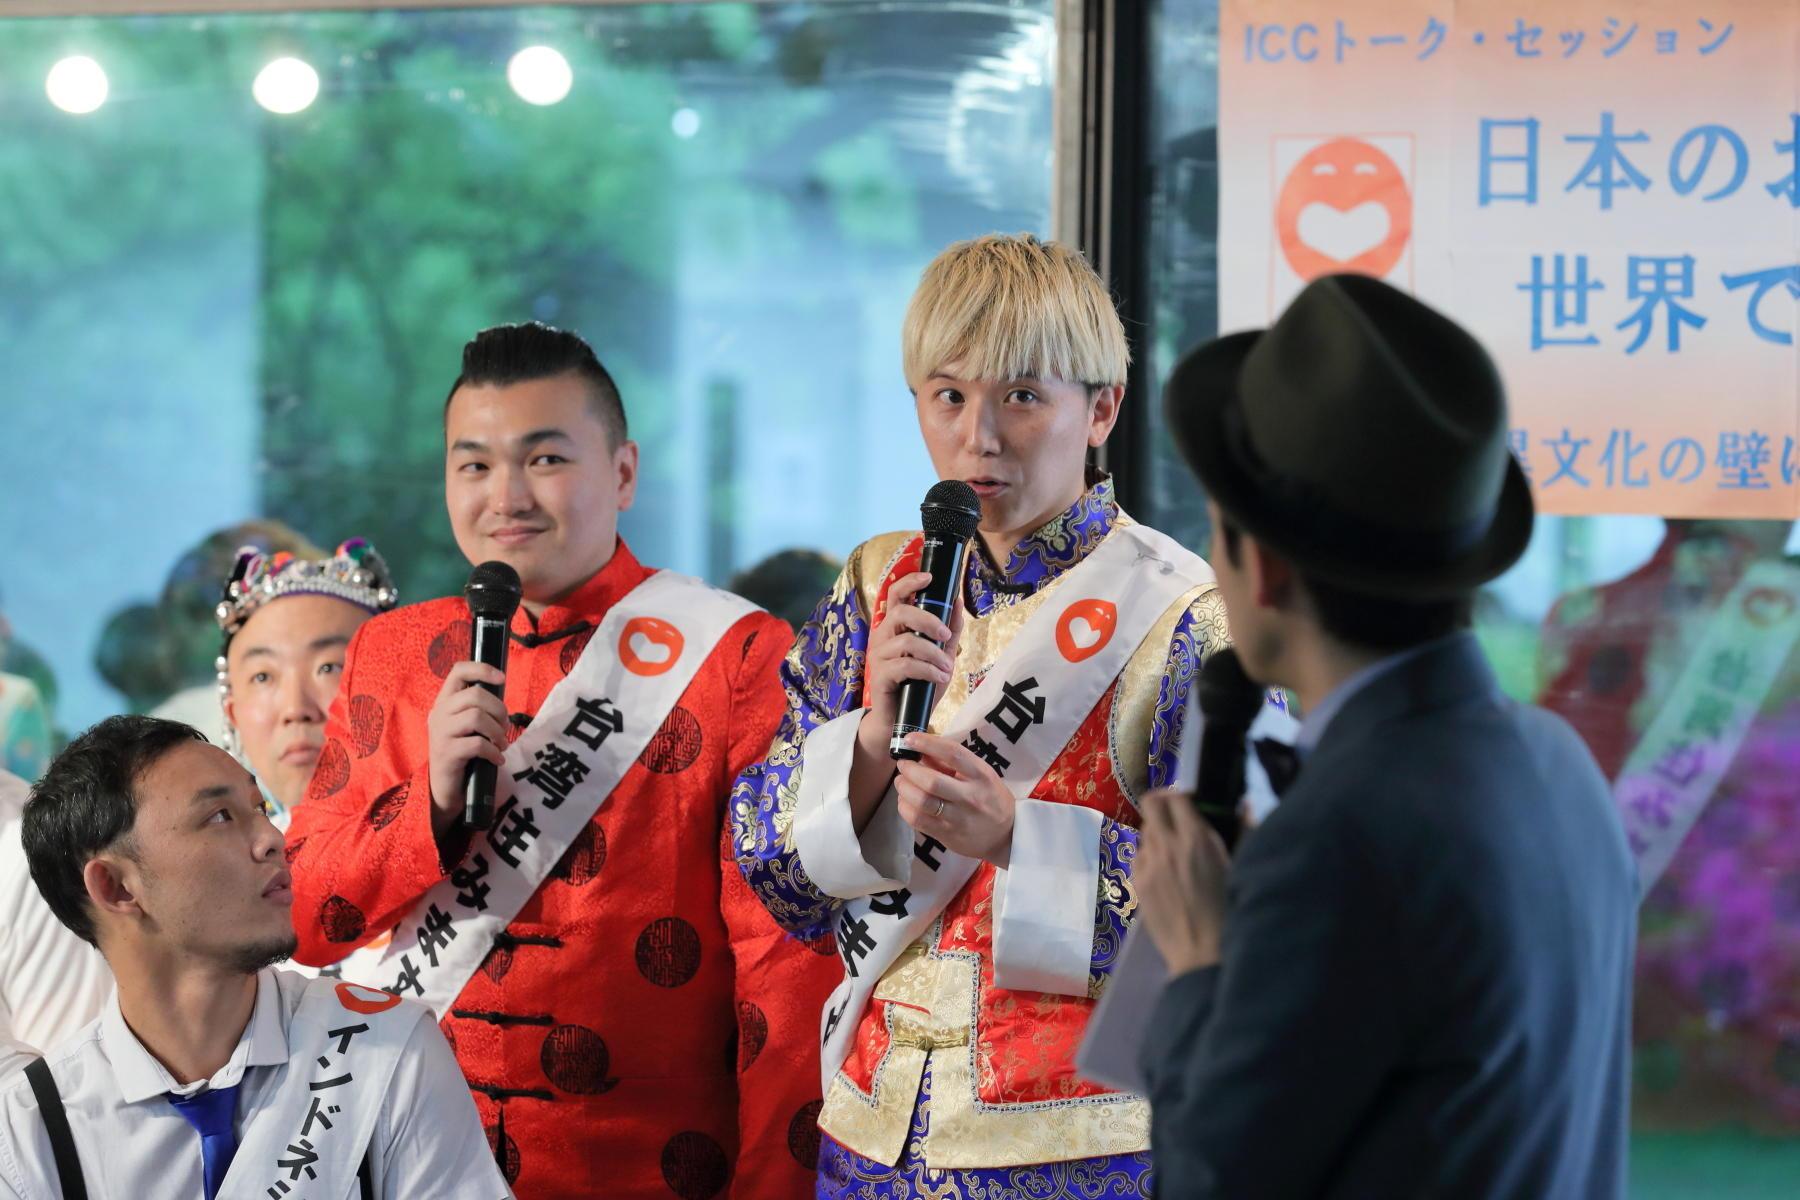 http://news.yoshimoto.co.jp/20180502060035-0aa1465983f9b27206f3a96b78cb15b68ffdb37f.jpg